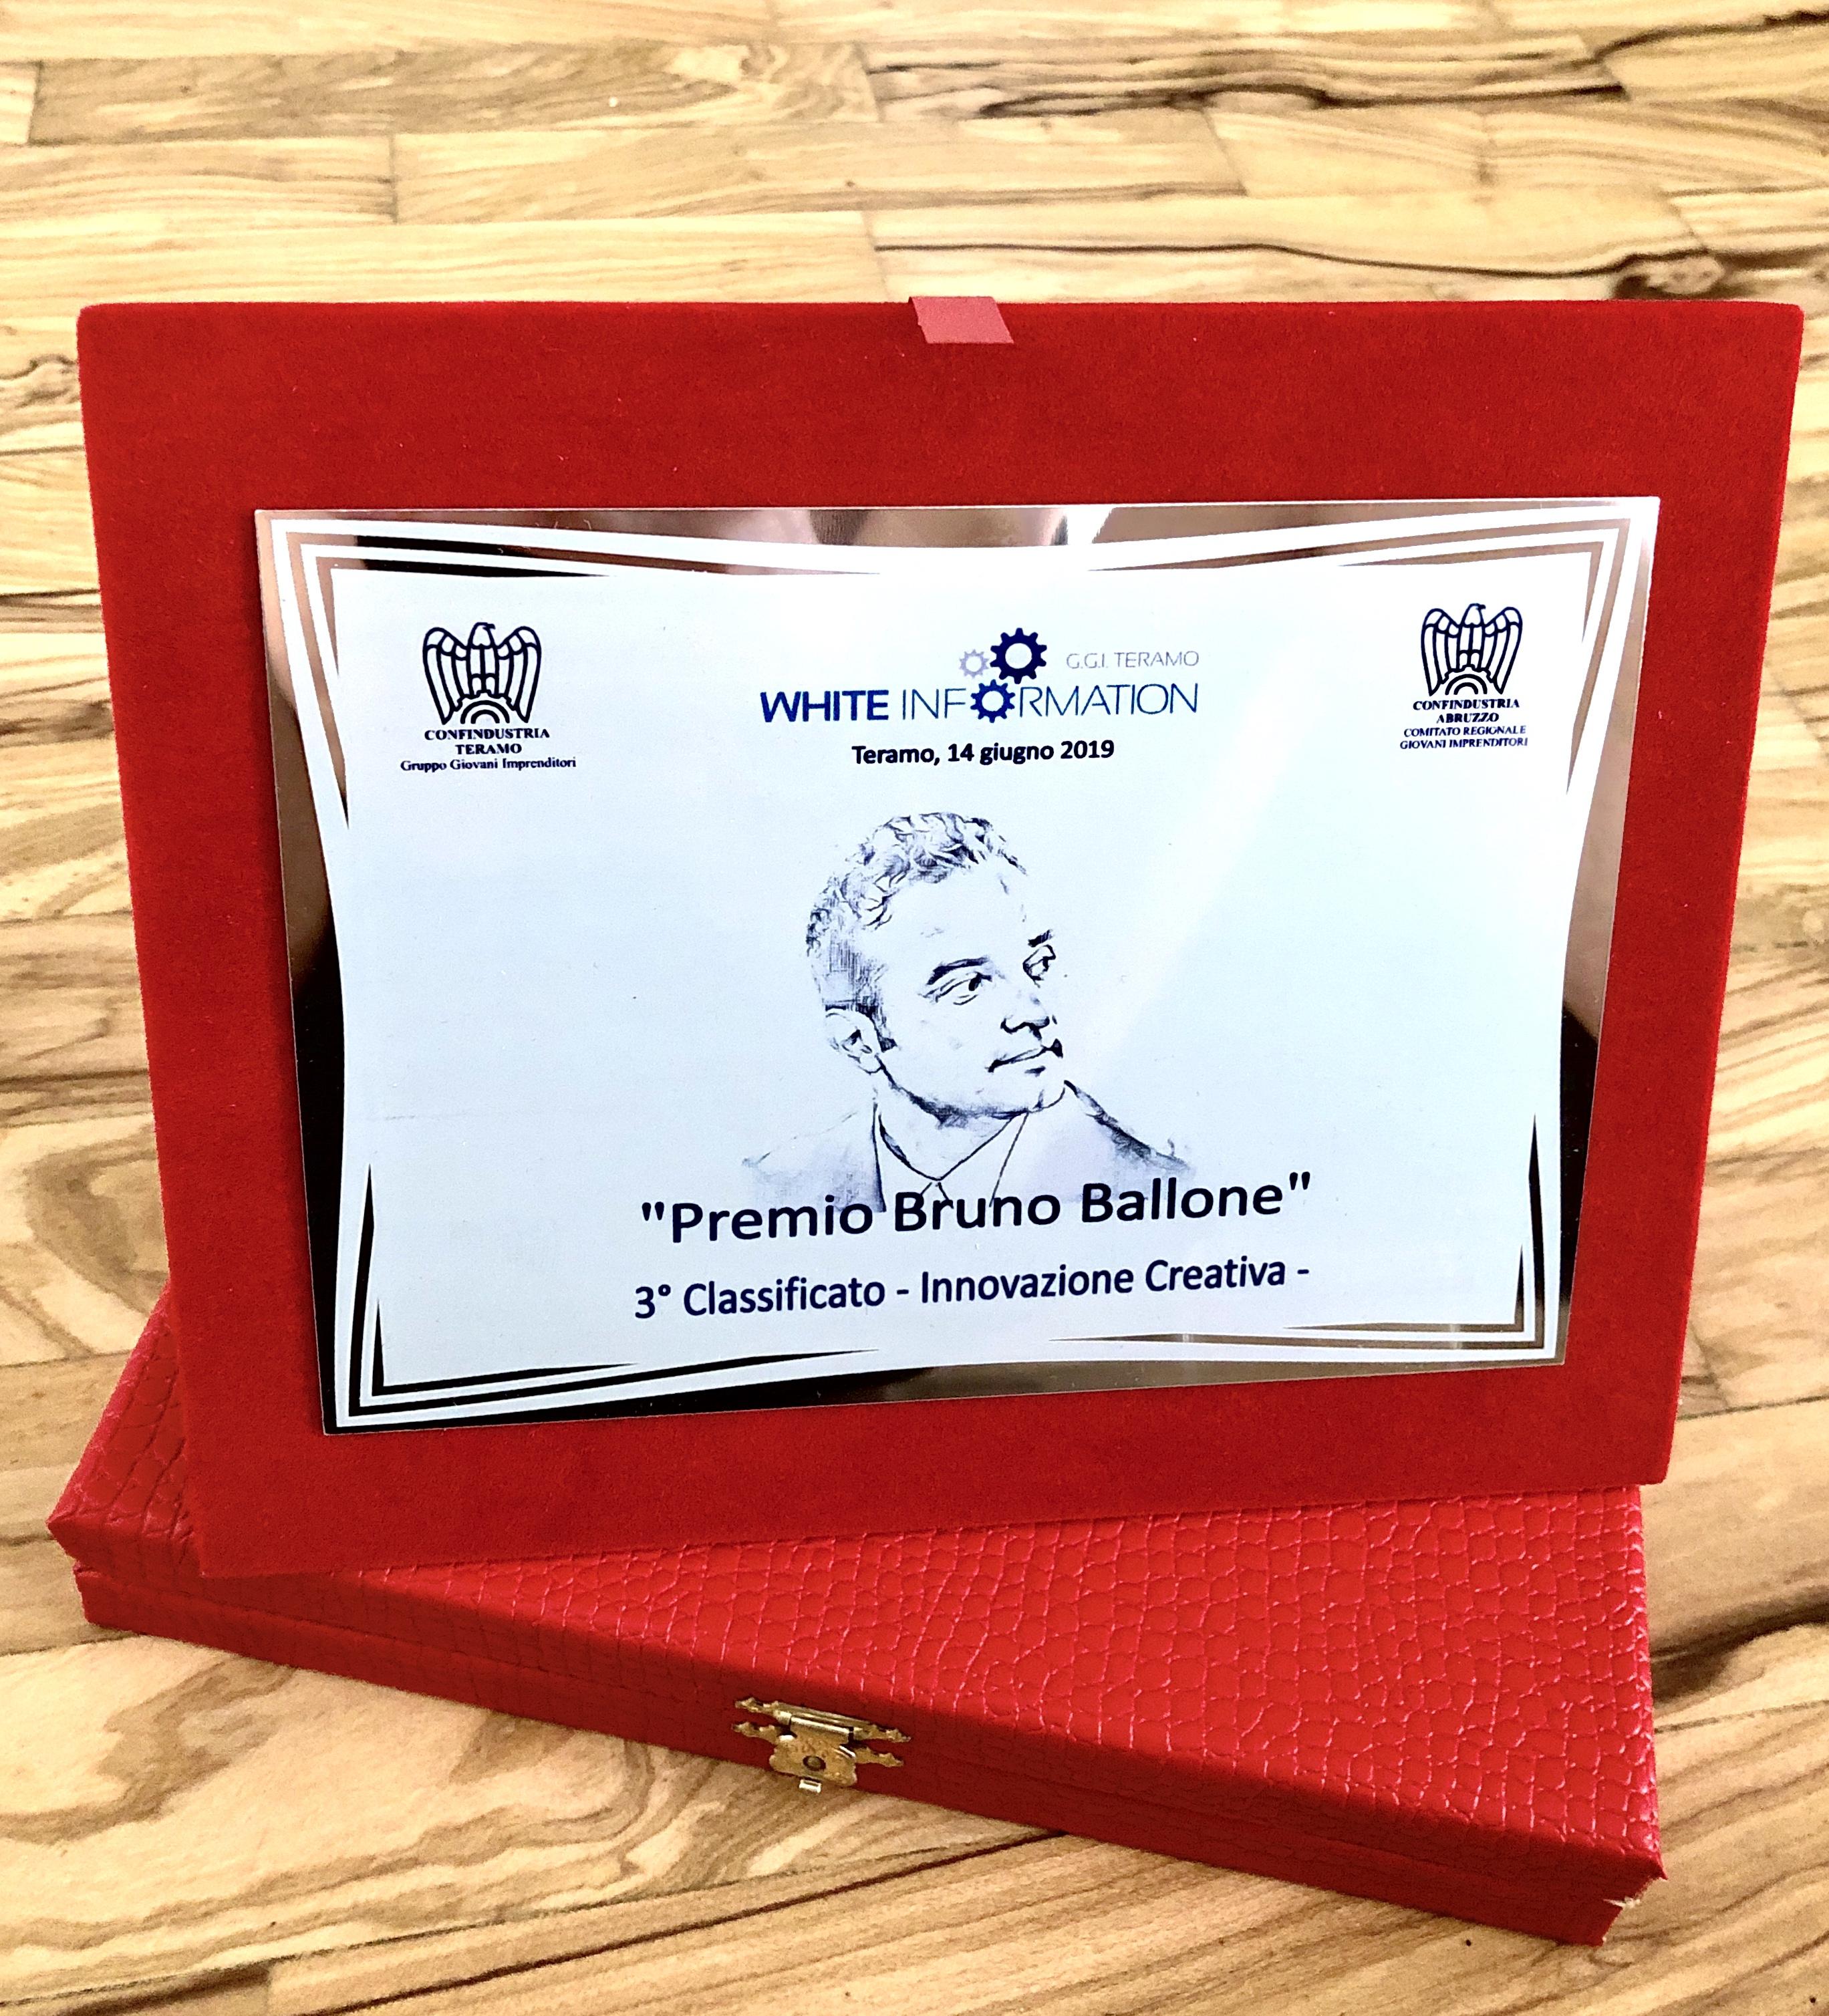 3 Classificato - Premio Bruno Ballone